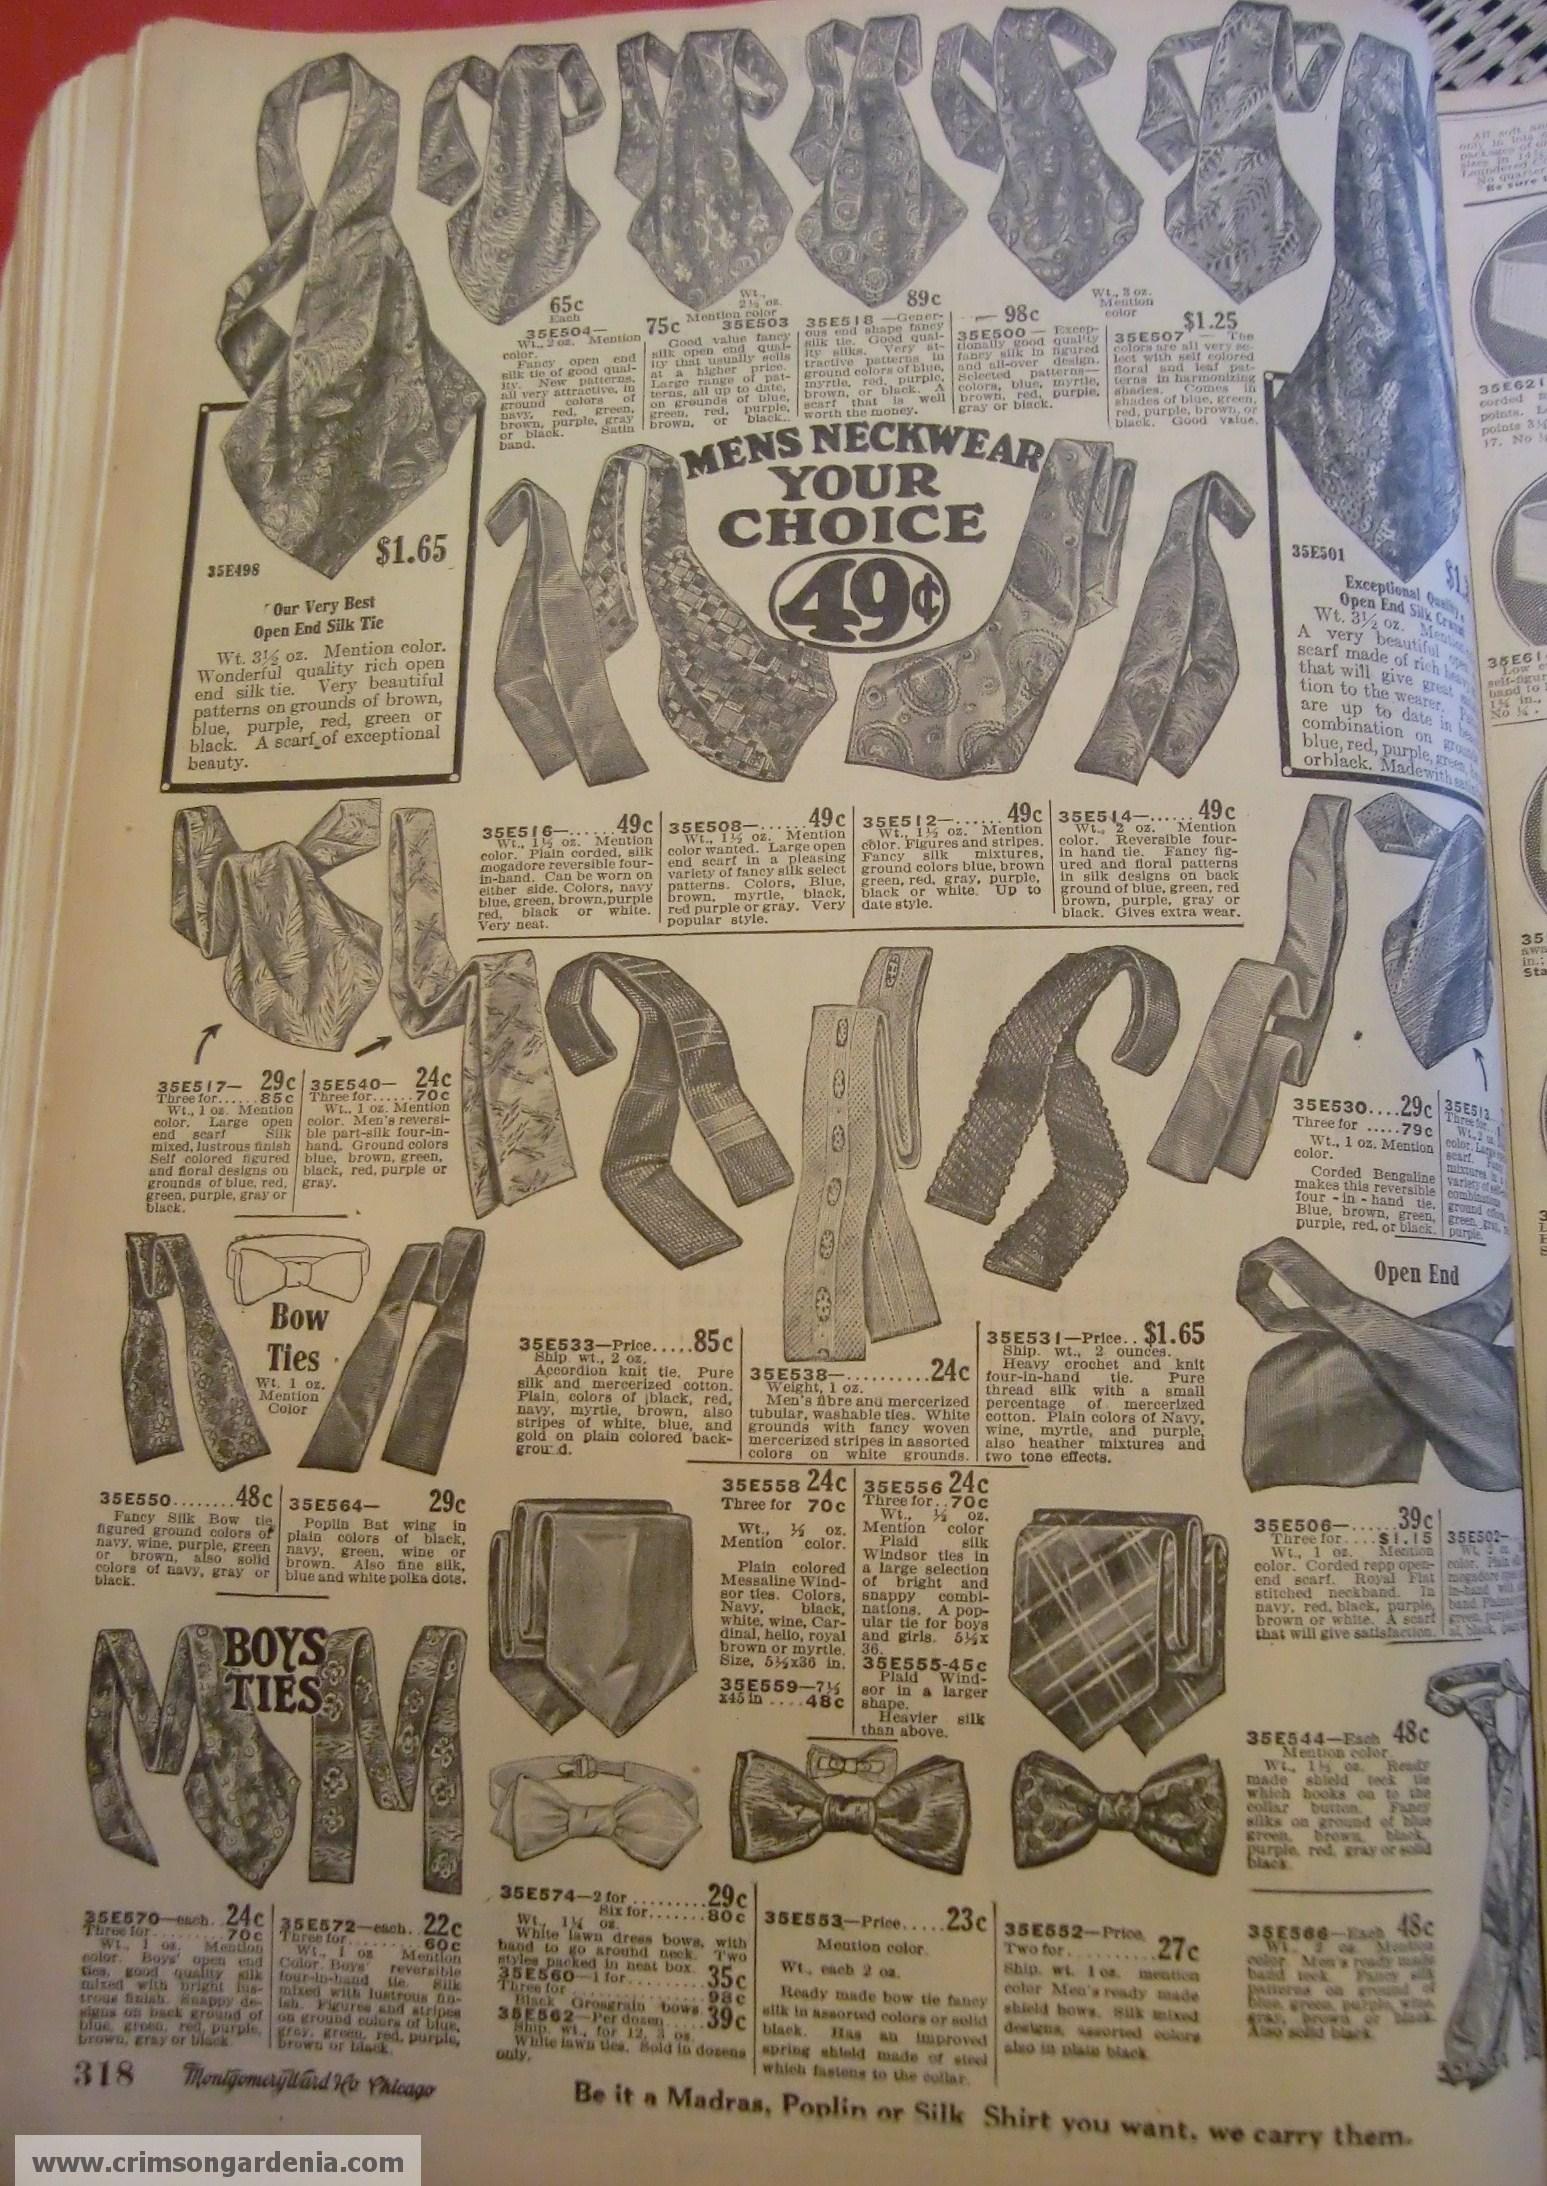 4160 ties